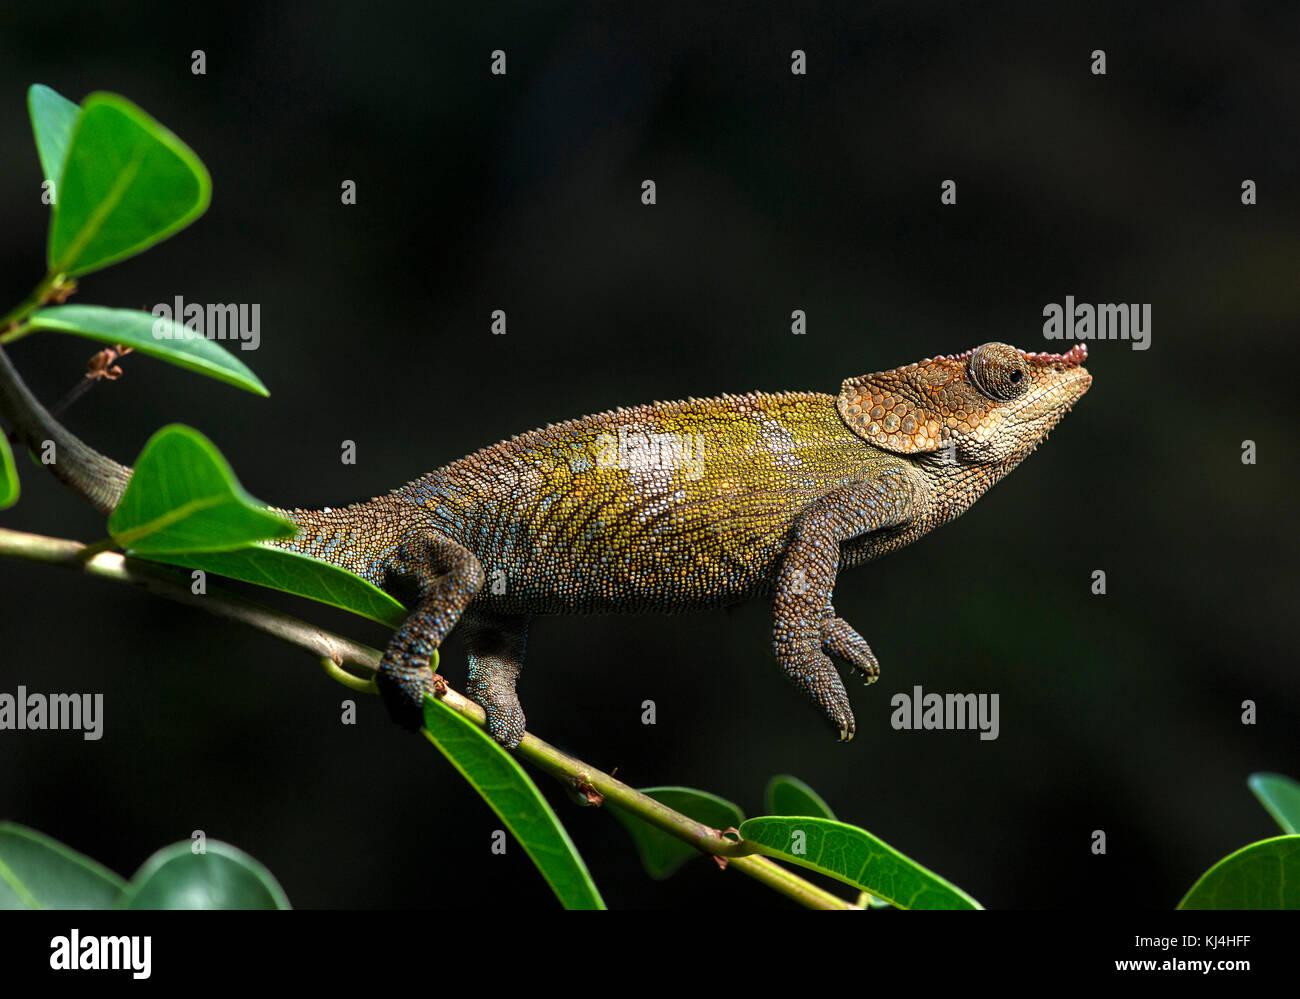 Cryptic Chameleon (Calumma crypticus), (Chameleonidae), endemic to Madagascar, Anjozorobe National Park, Madagascar - Stock Image